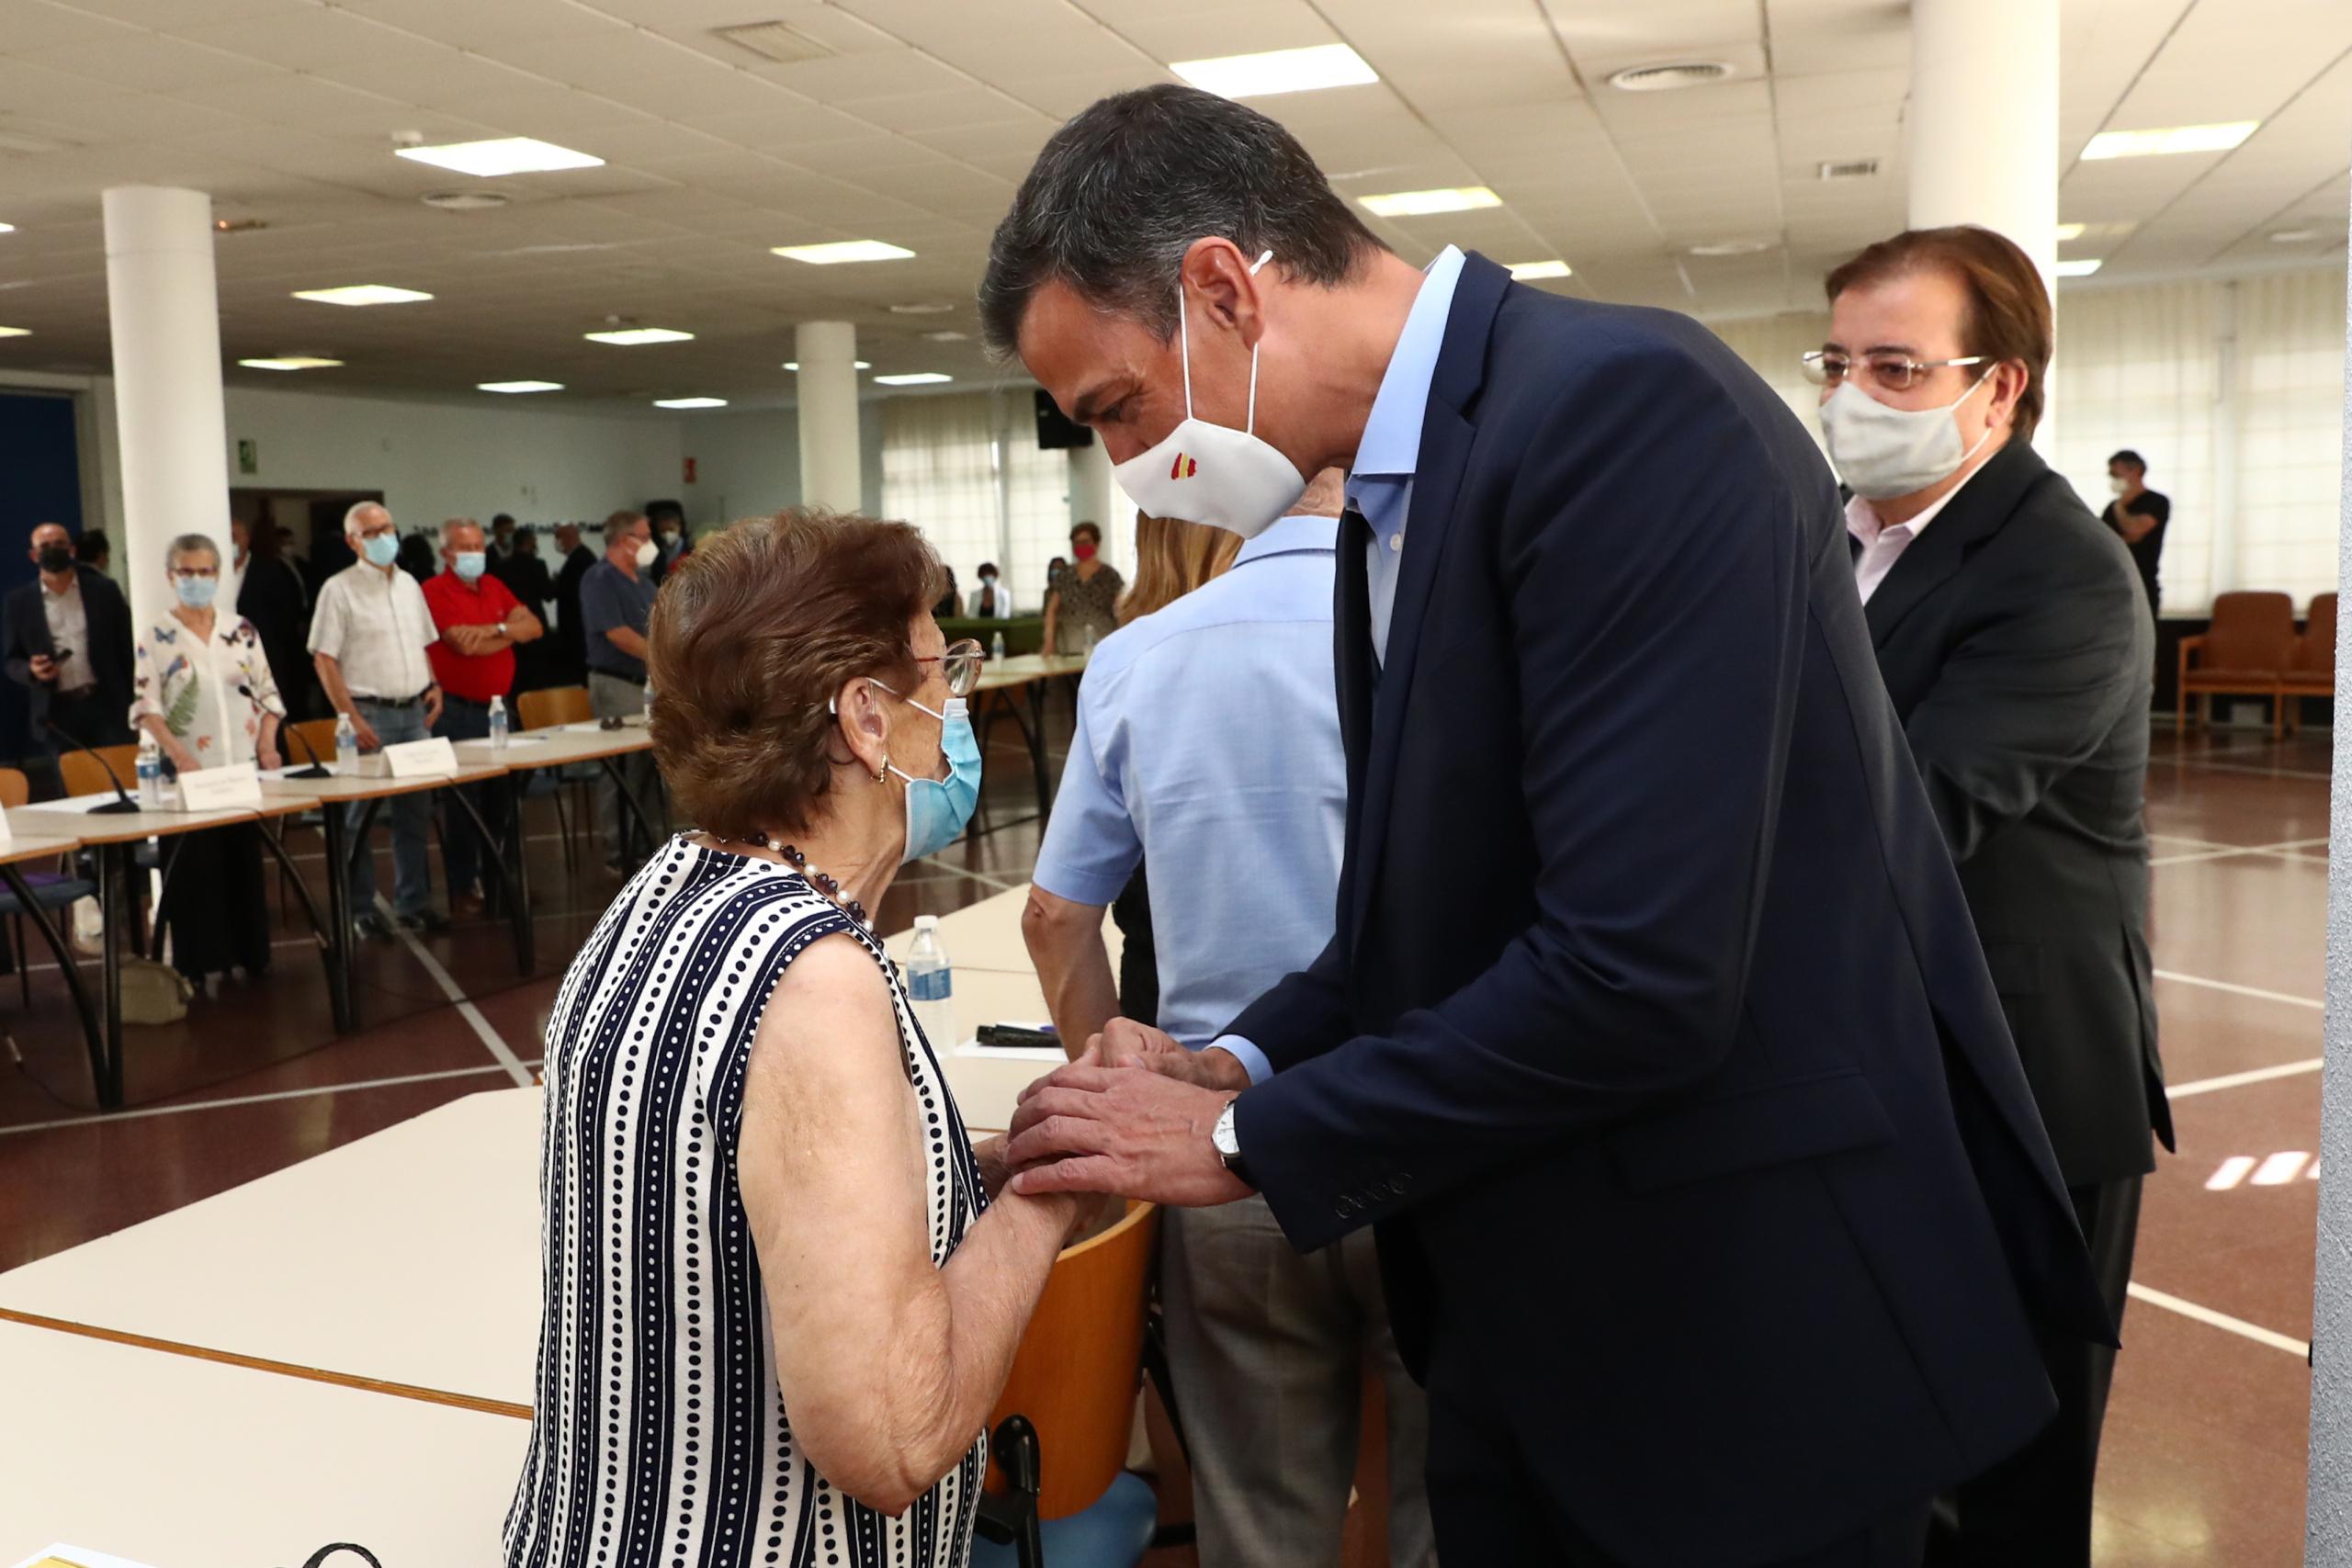 El president del govern espanyol, Pedro Sánchez, durant una visita a una residència de gent gran a Navalmoral de la Mata (Cáceres) / ACN